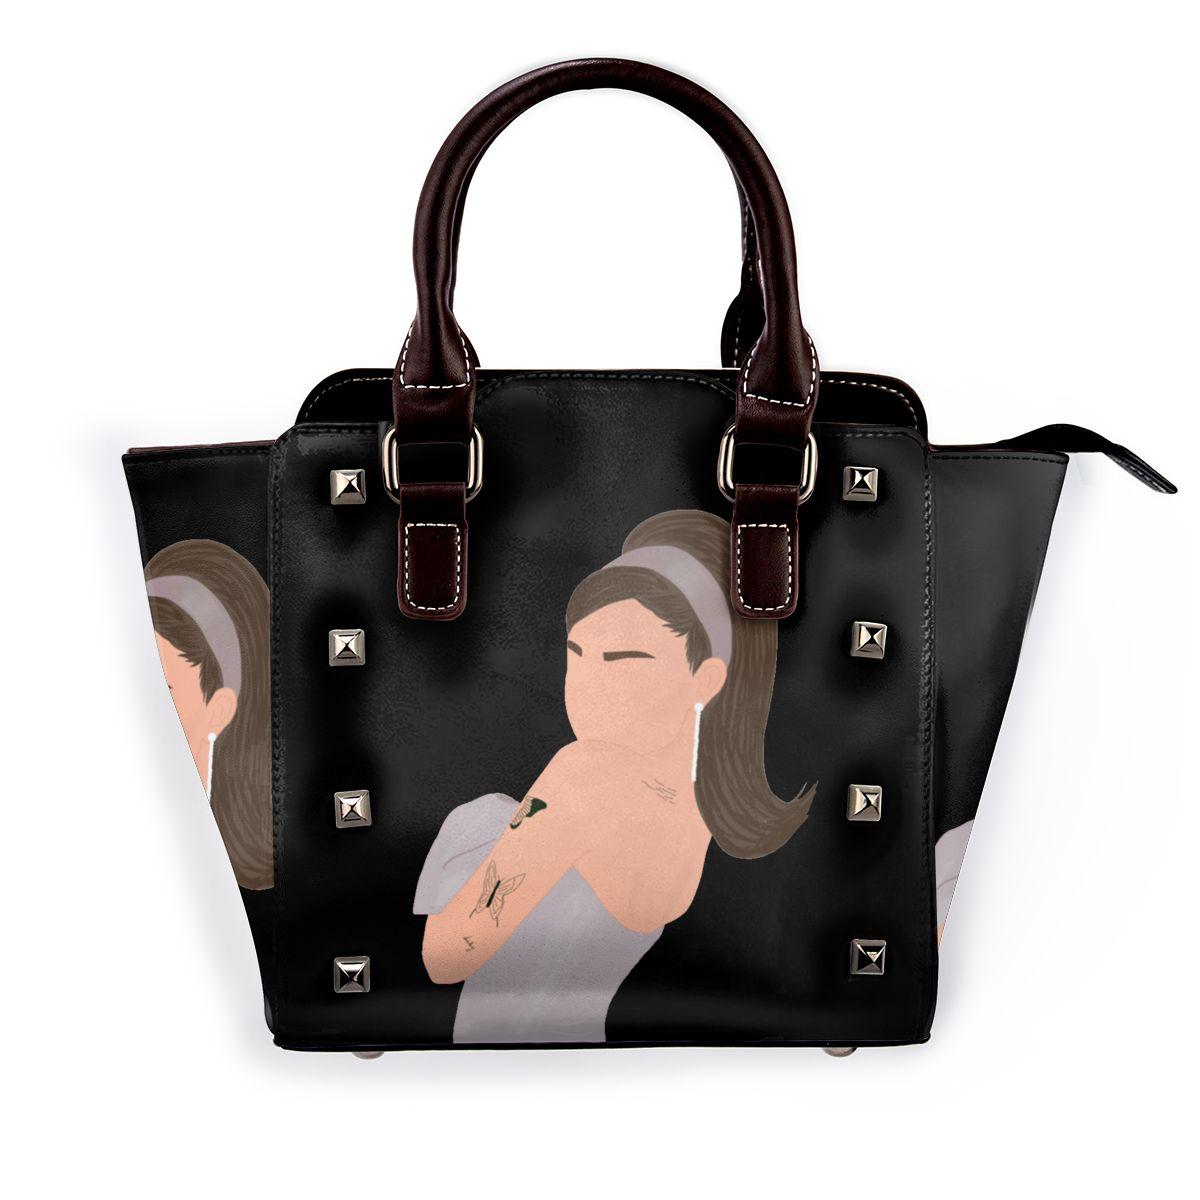 حقيبة كتف أريانا غراندي جرافيك موضة Harajuku حقيبة يد نسائية سائبة حقائب سفر جلدية مضحكة